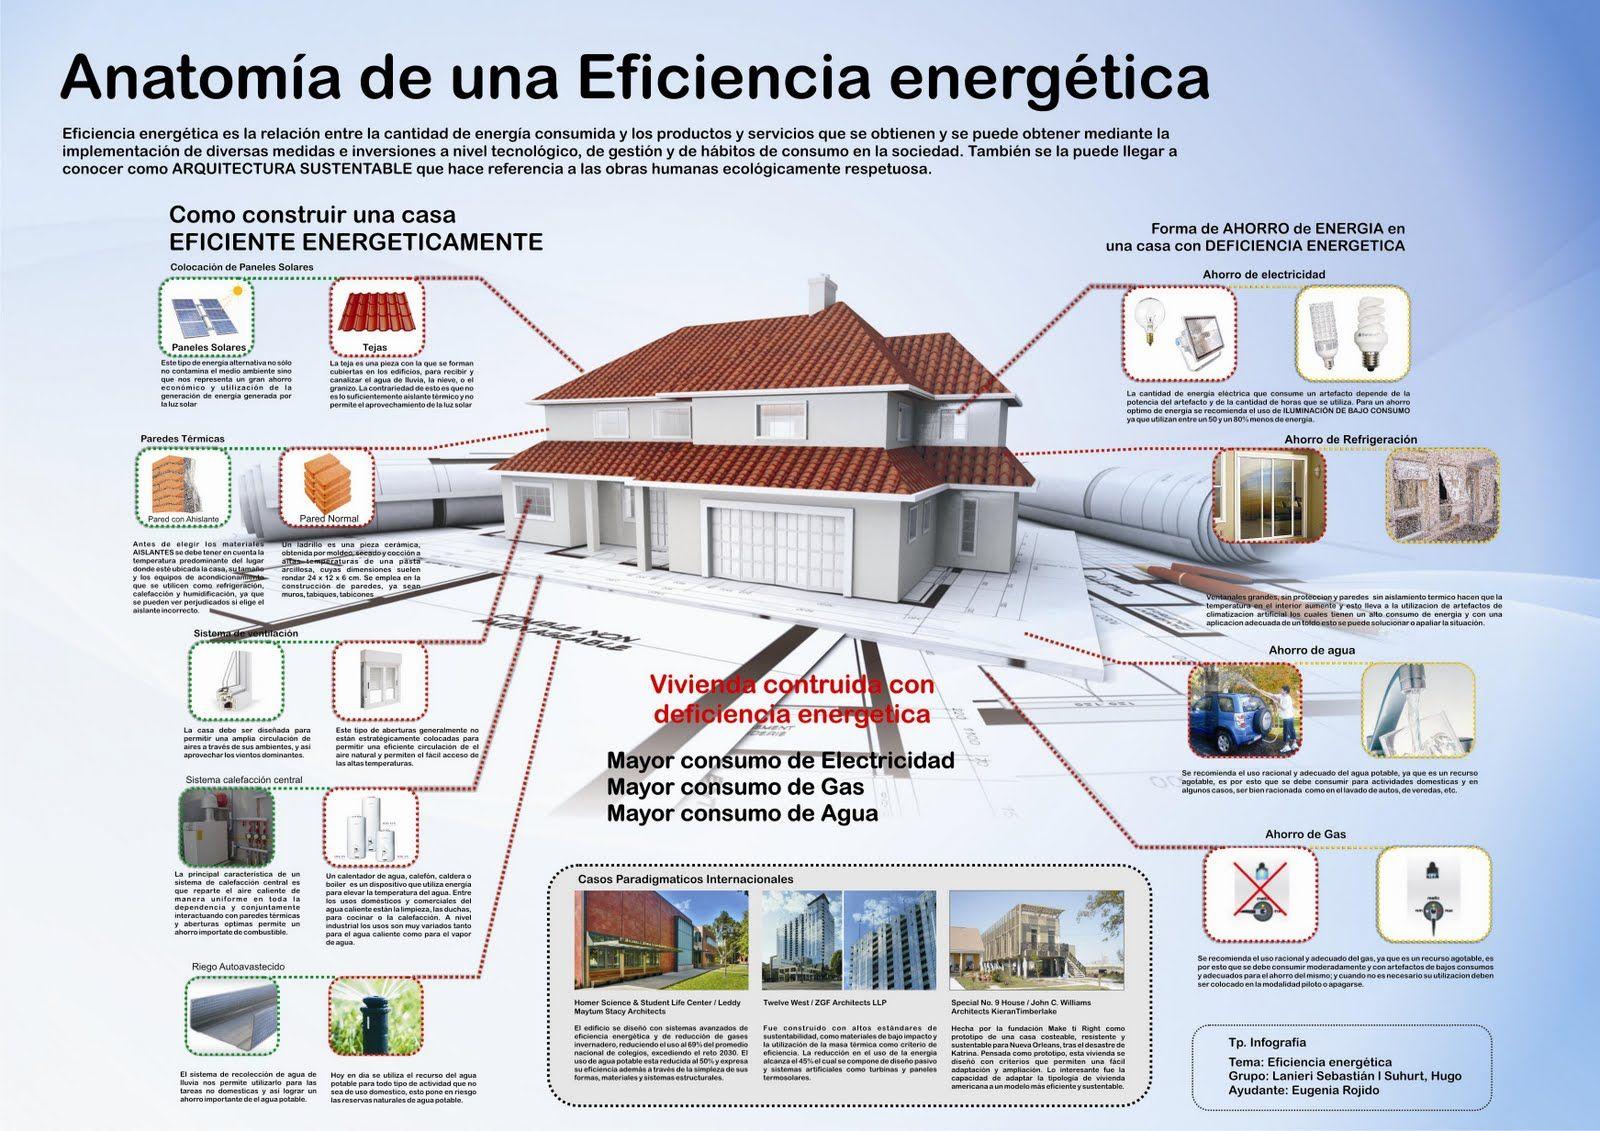 anatomia de una eficiencia energetica | Bioconstrucción | Pinterest ...